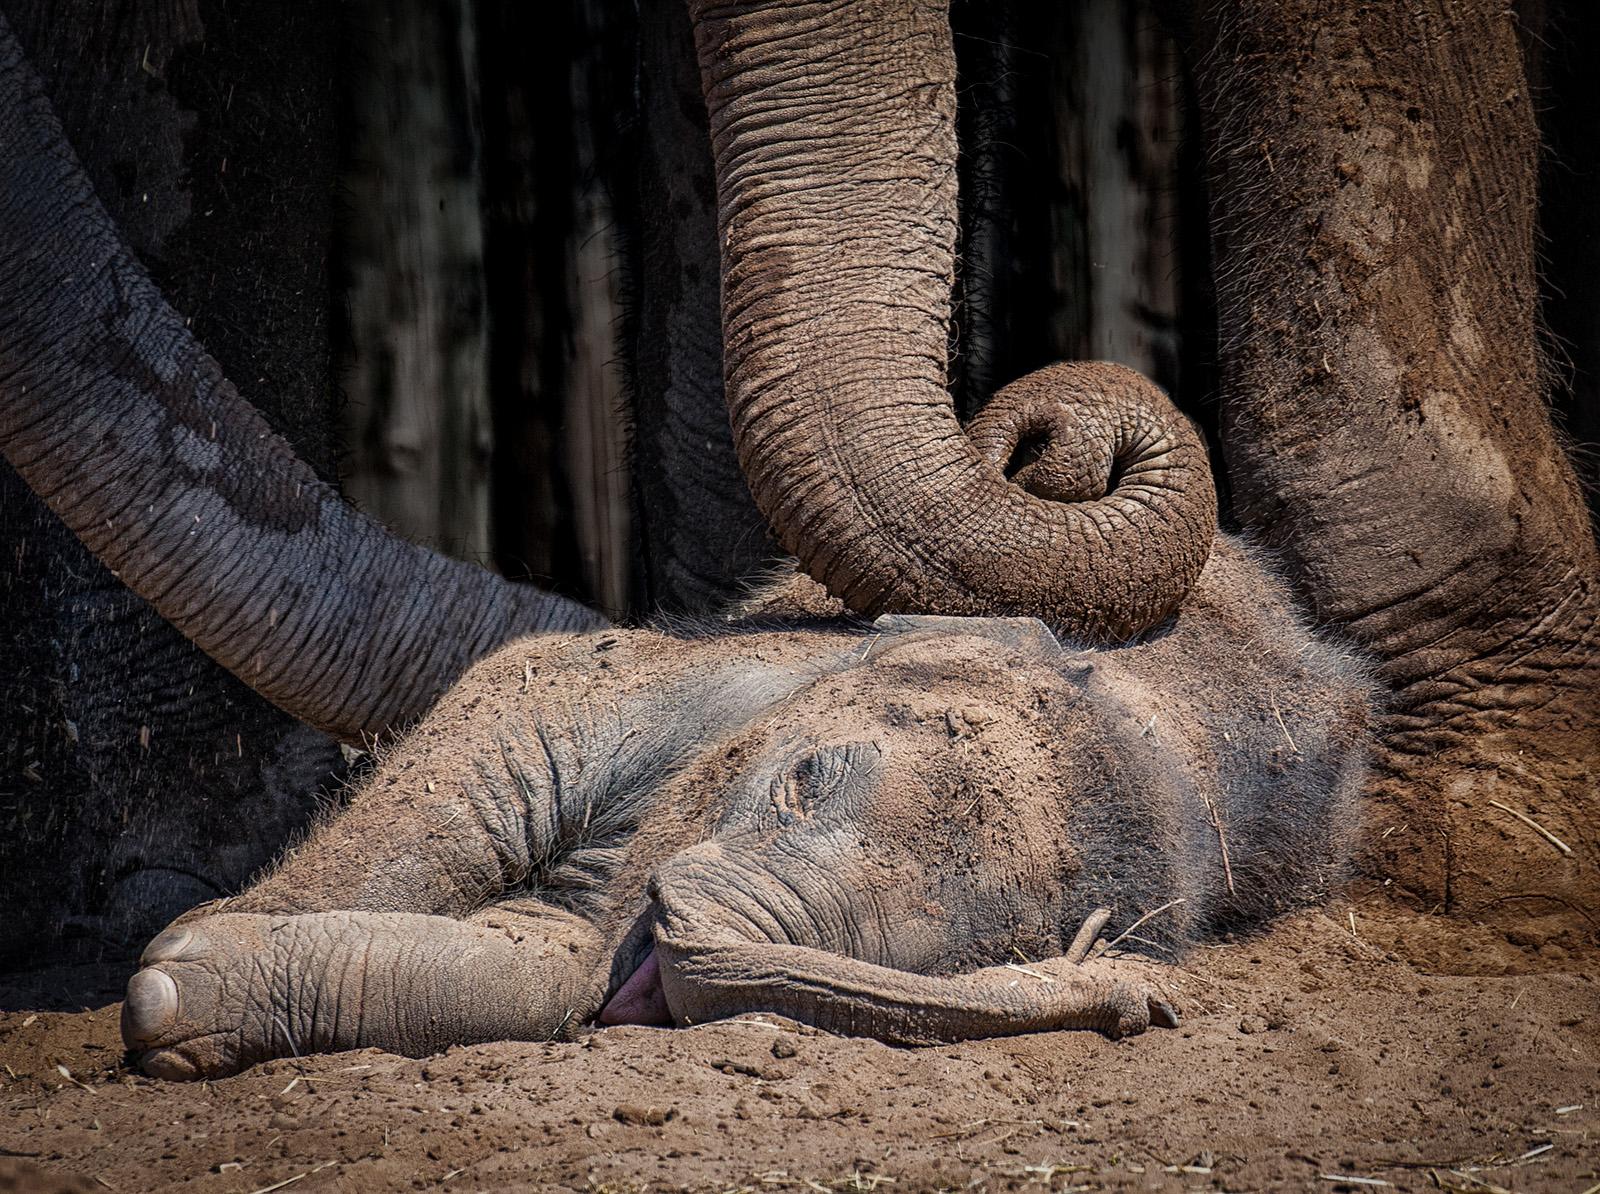 W0352476_Lynda Haney_Baby Elephant Sleeping